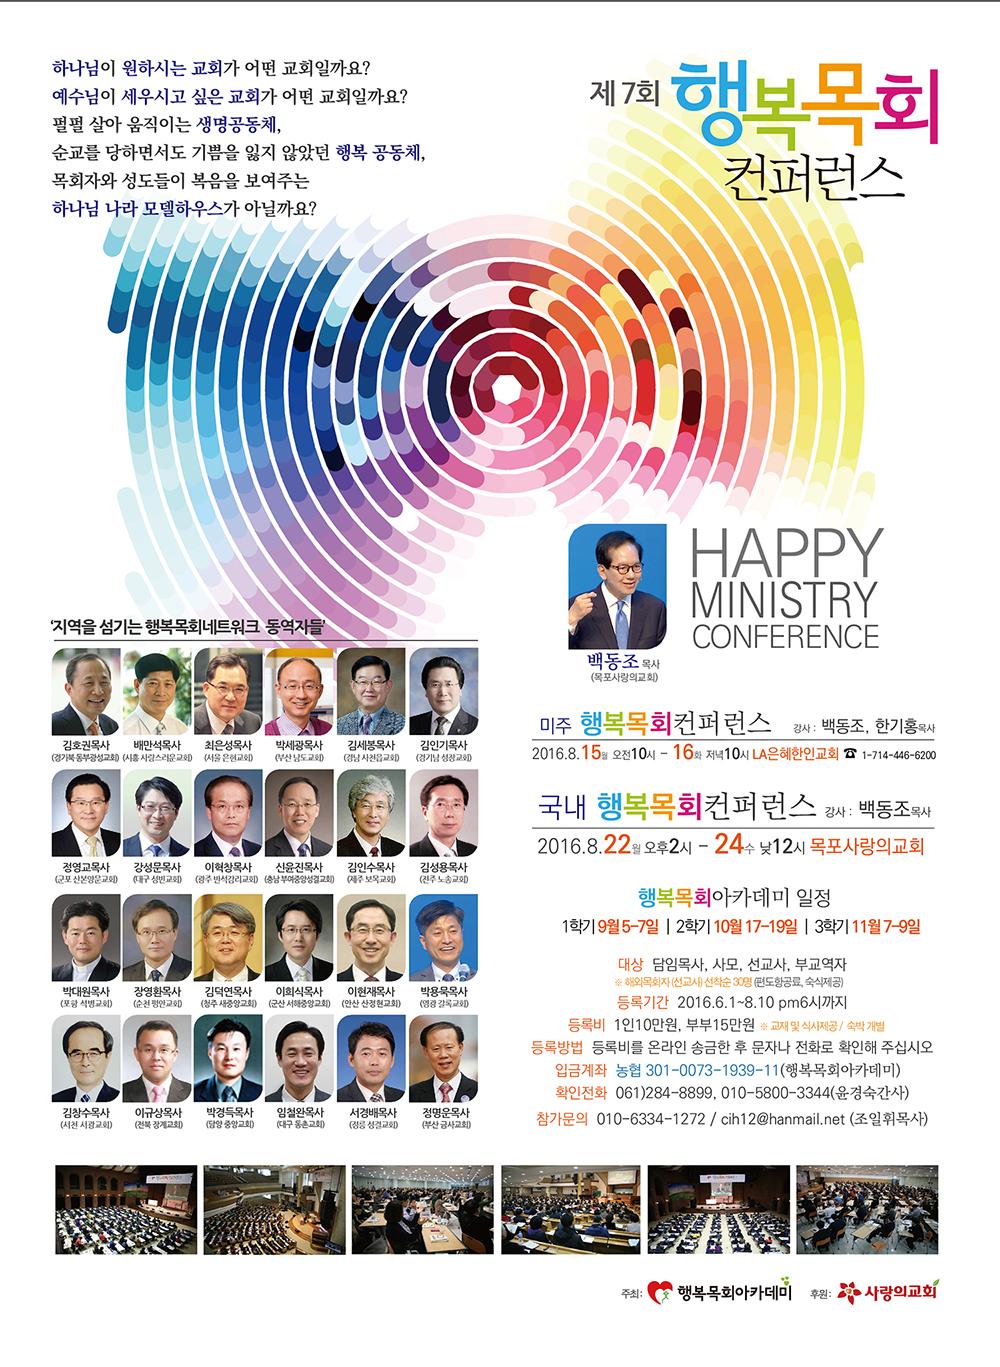 제7회 2016행복목회컨퍼런스 광고_웹용.jpg